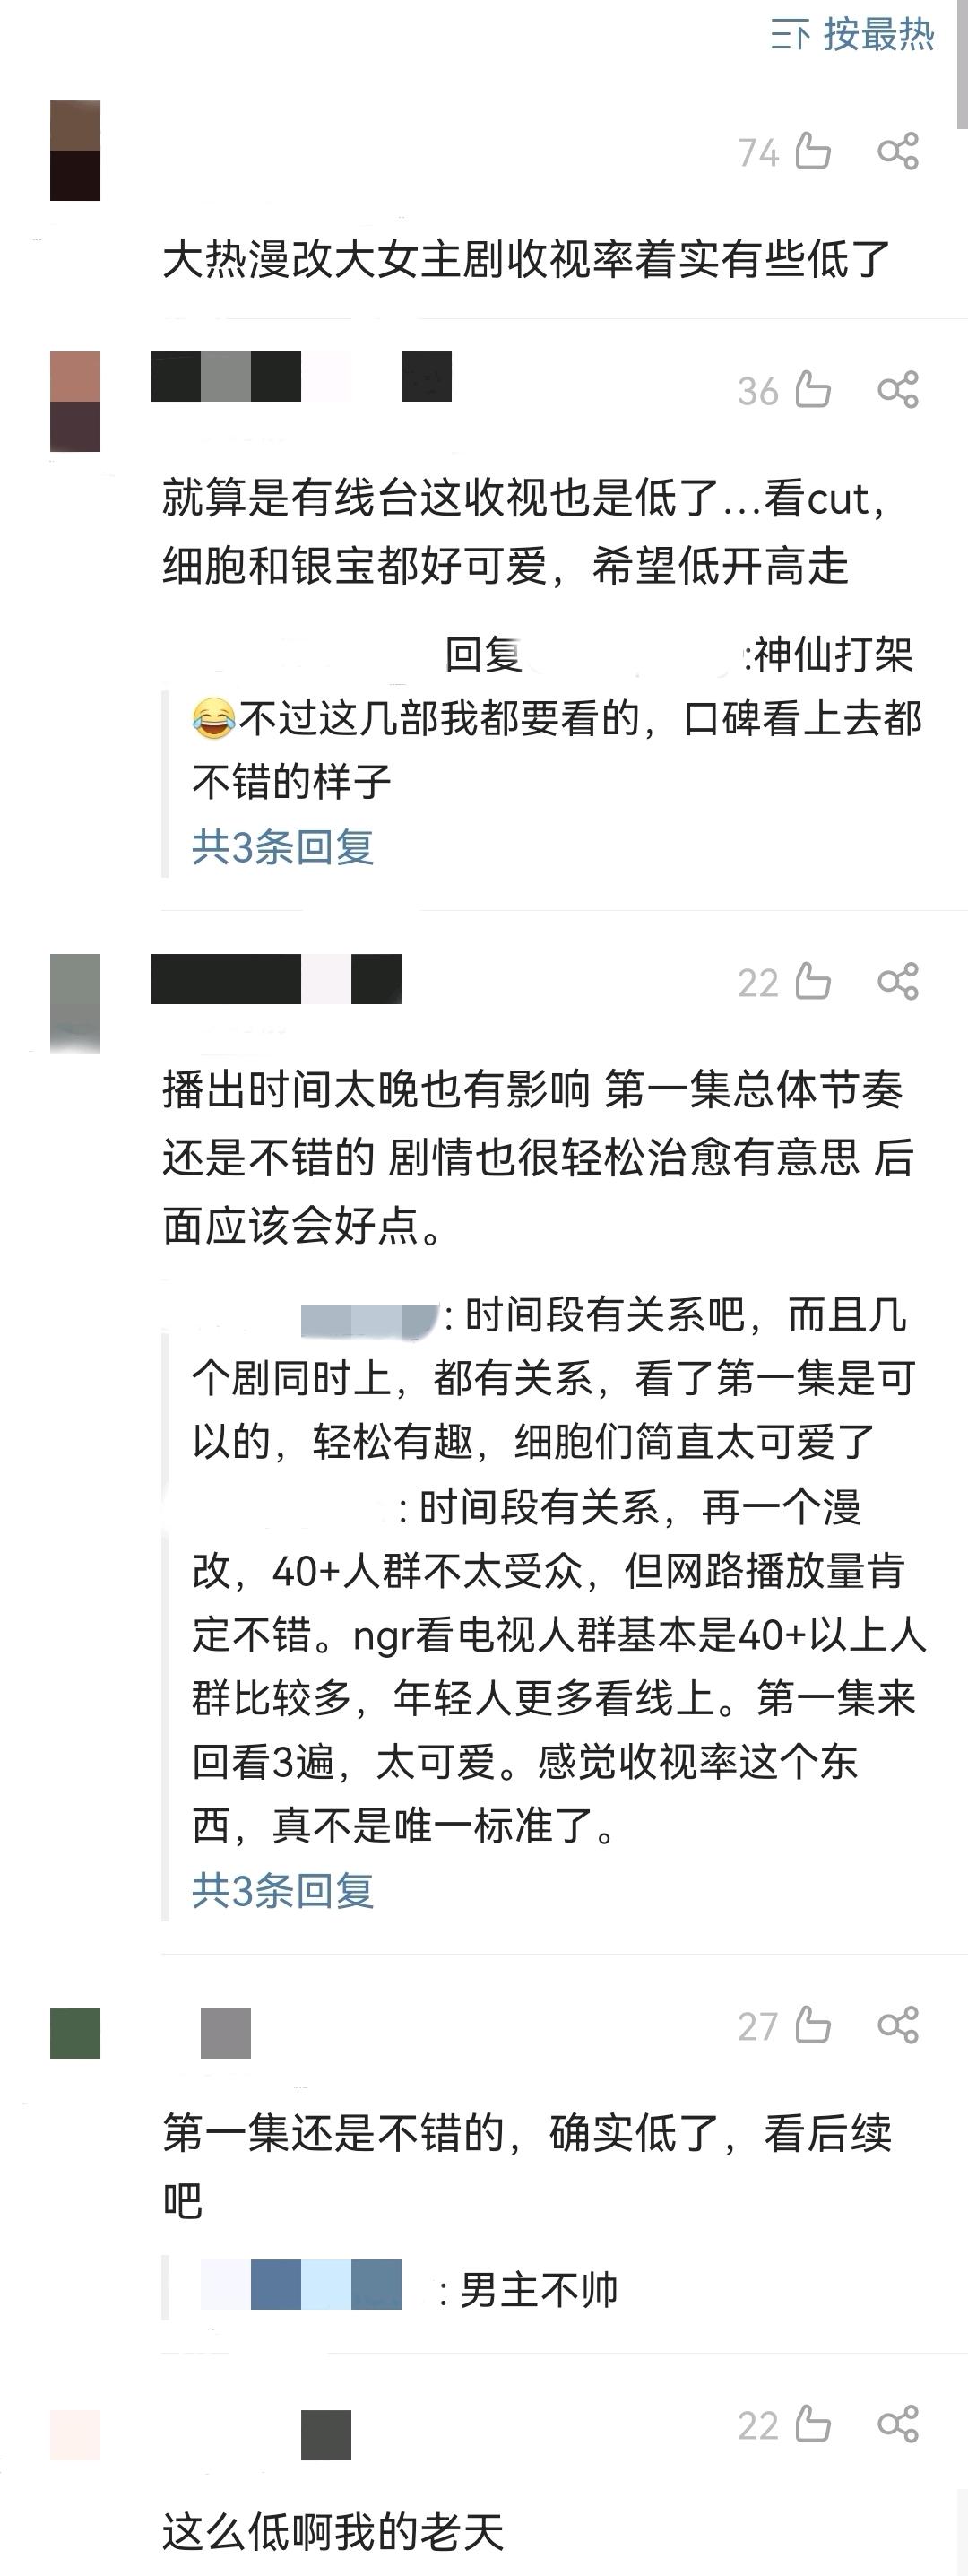 南宫珉金高银李荷妮新剧开播对打!柔美的细胞君收视率这么低?